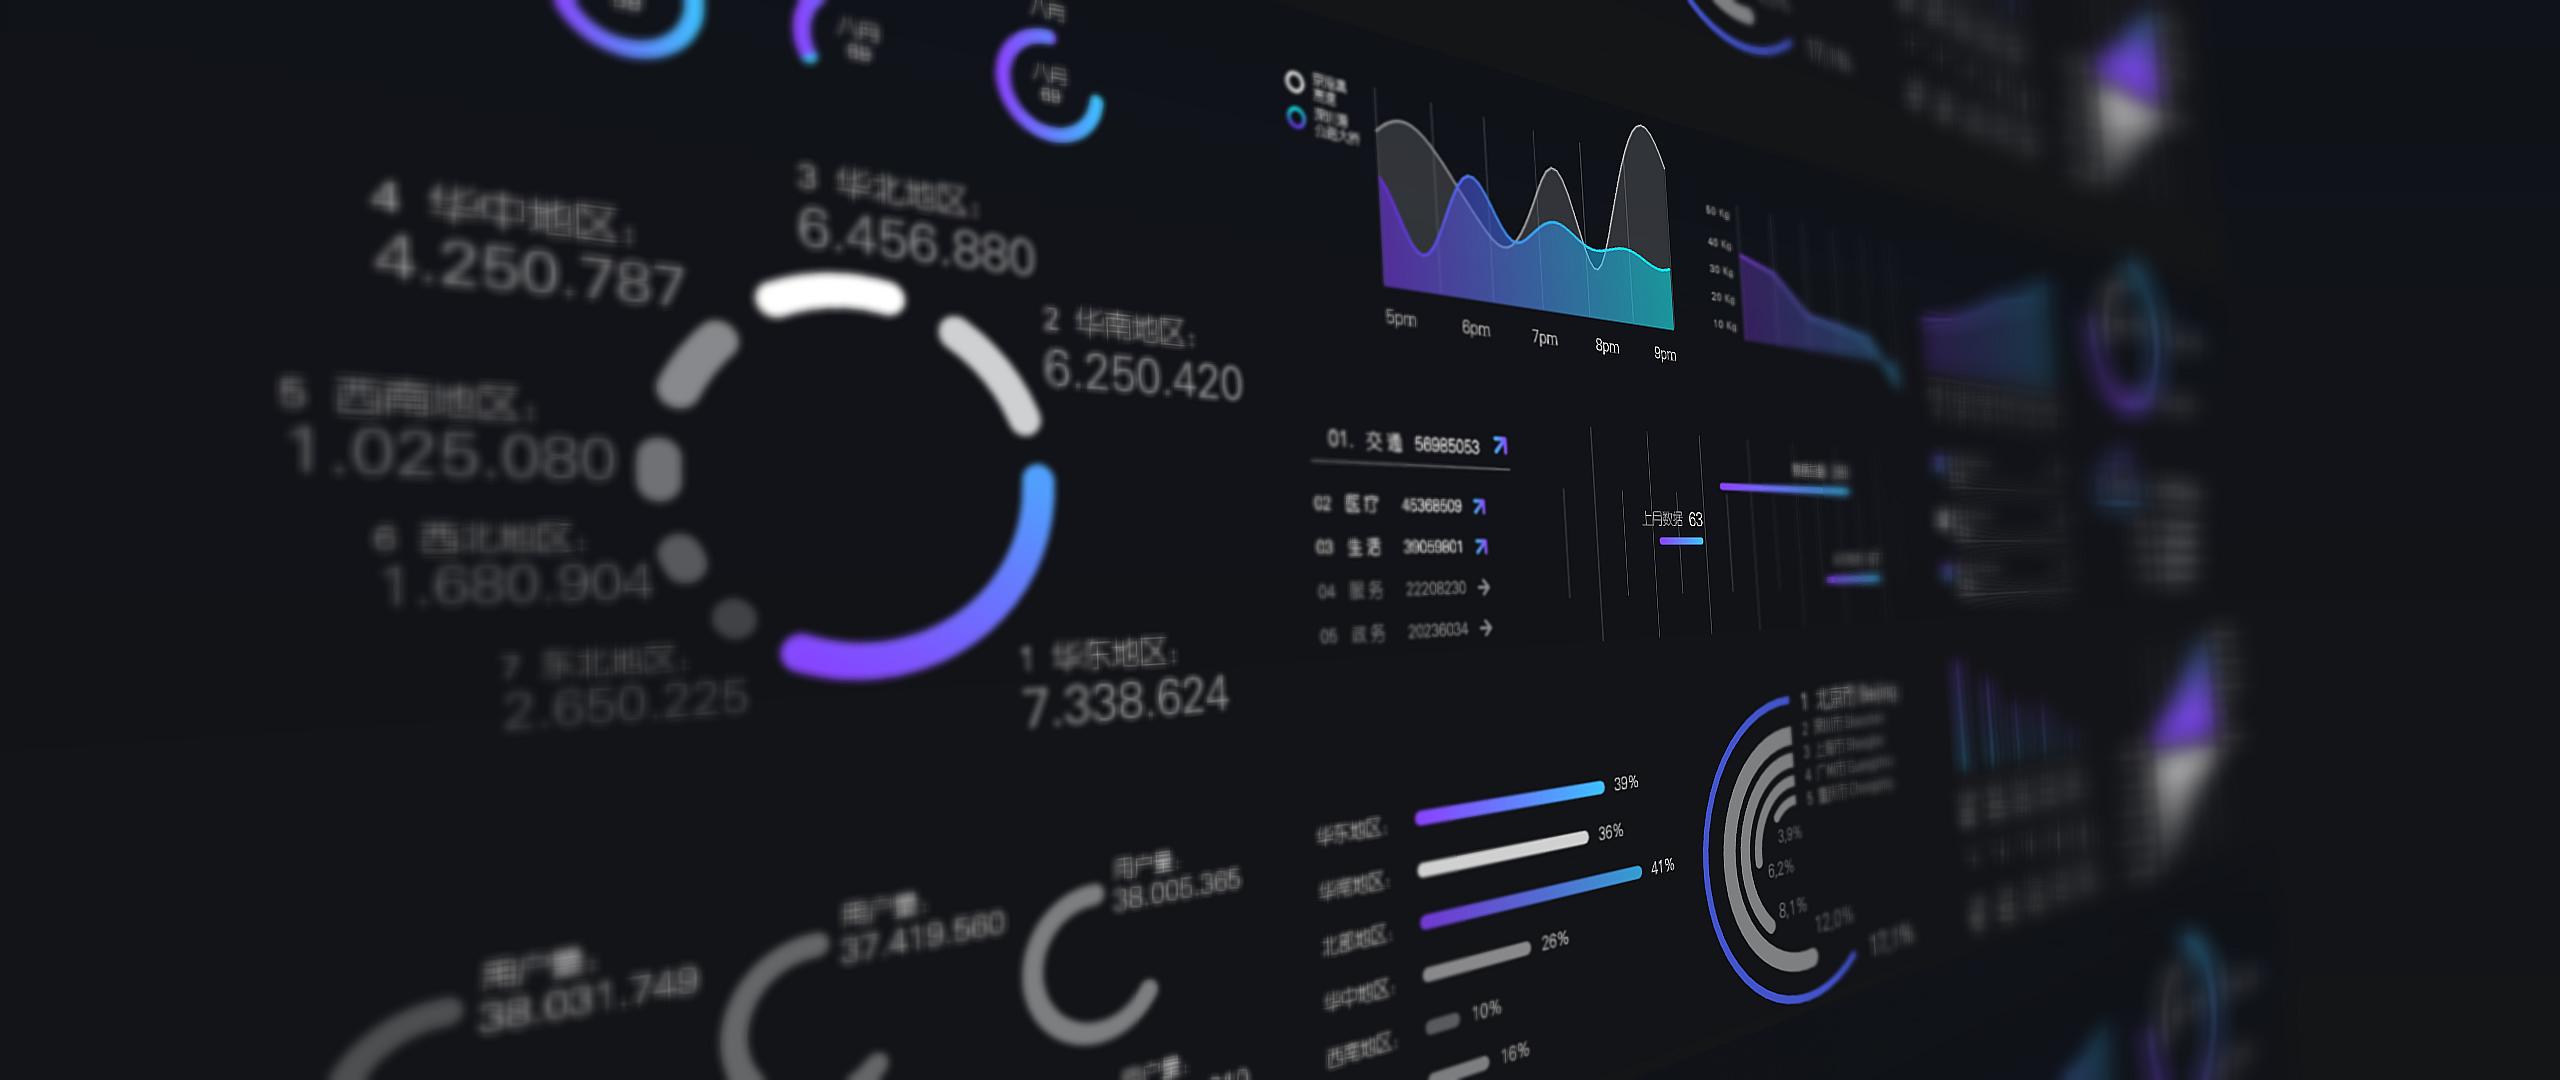 """全球资讯_""""连接中国""""数据信息可视化UI设计 - 视觉同盟(VisionUnion.com)"""